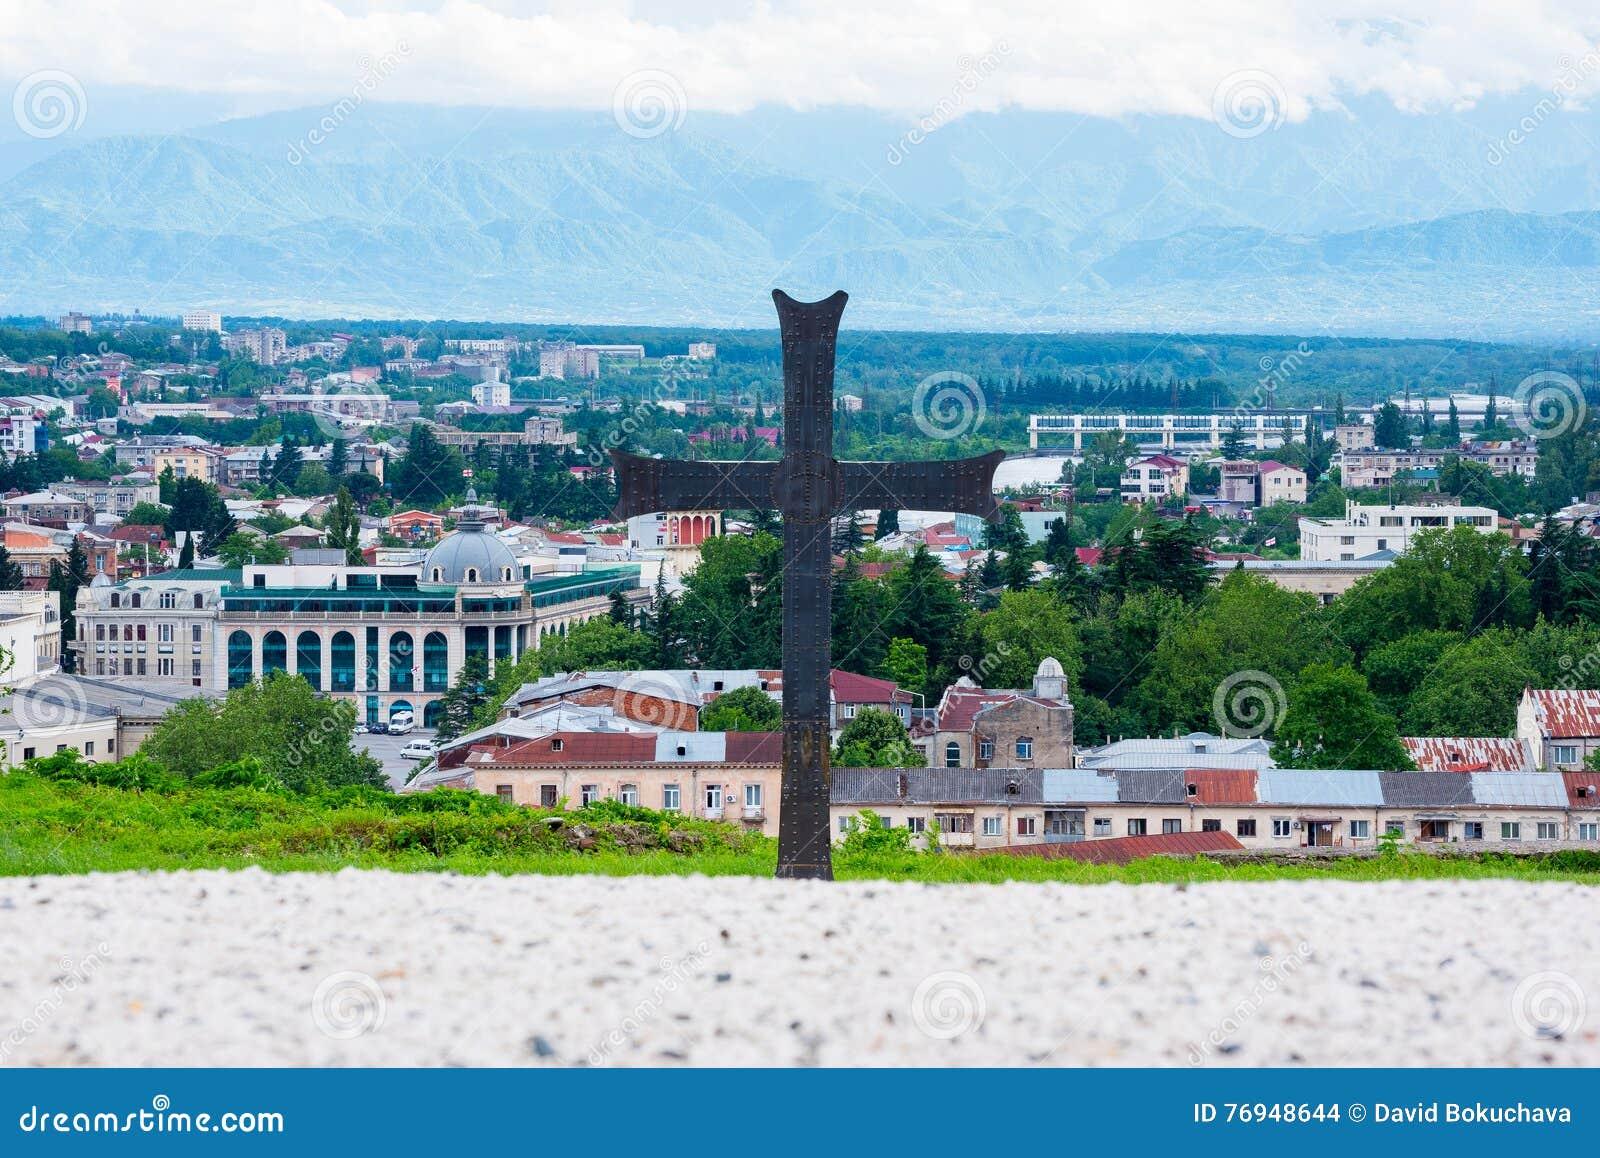 Christentum in Georgia, ein Quermonument in Kutaisi